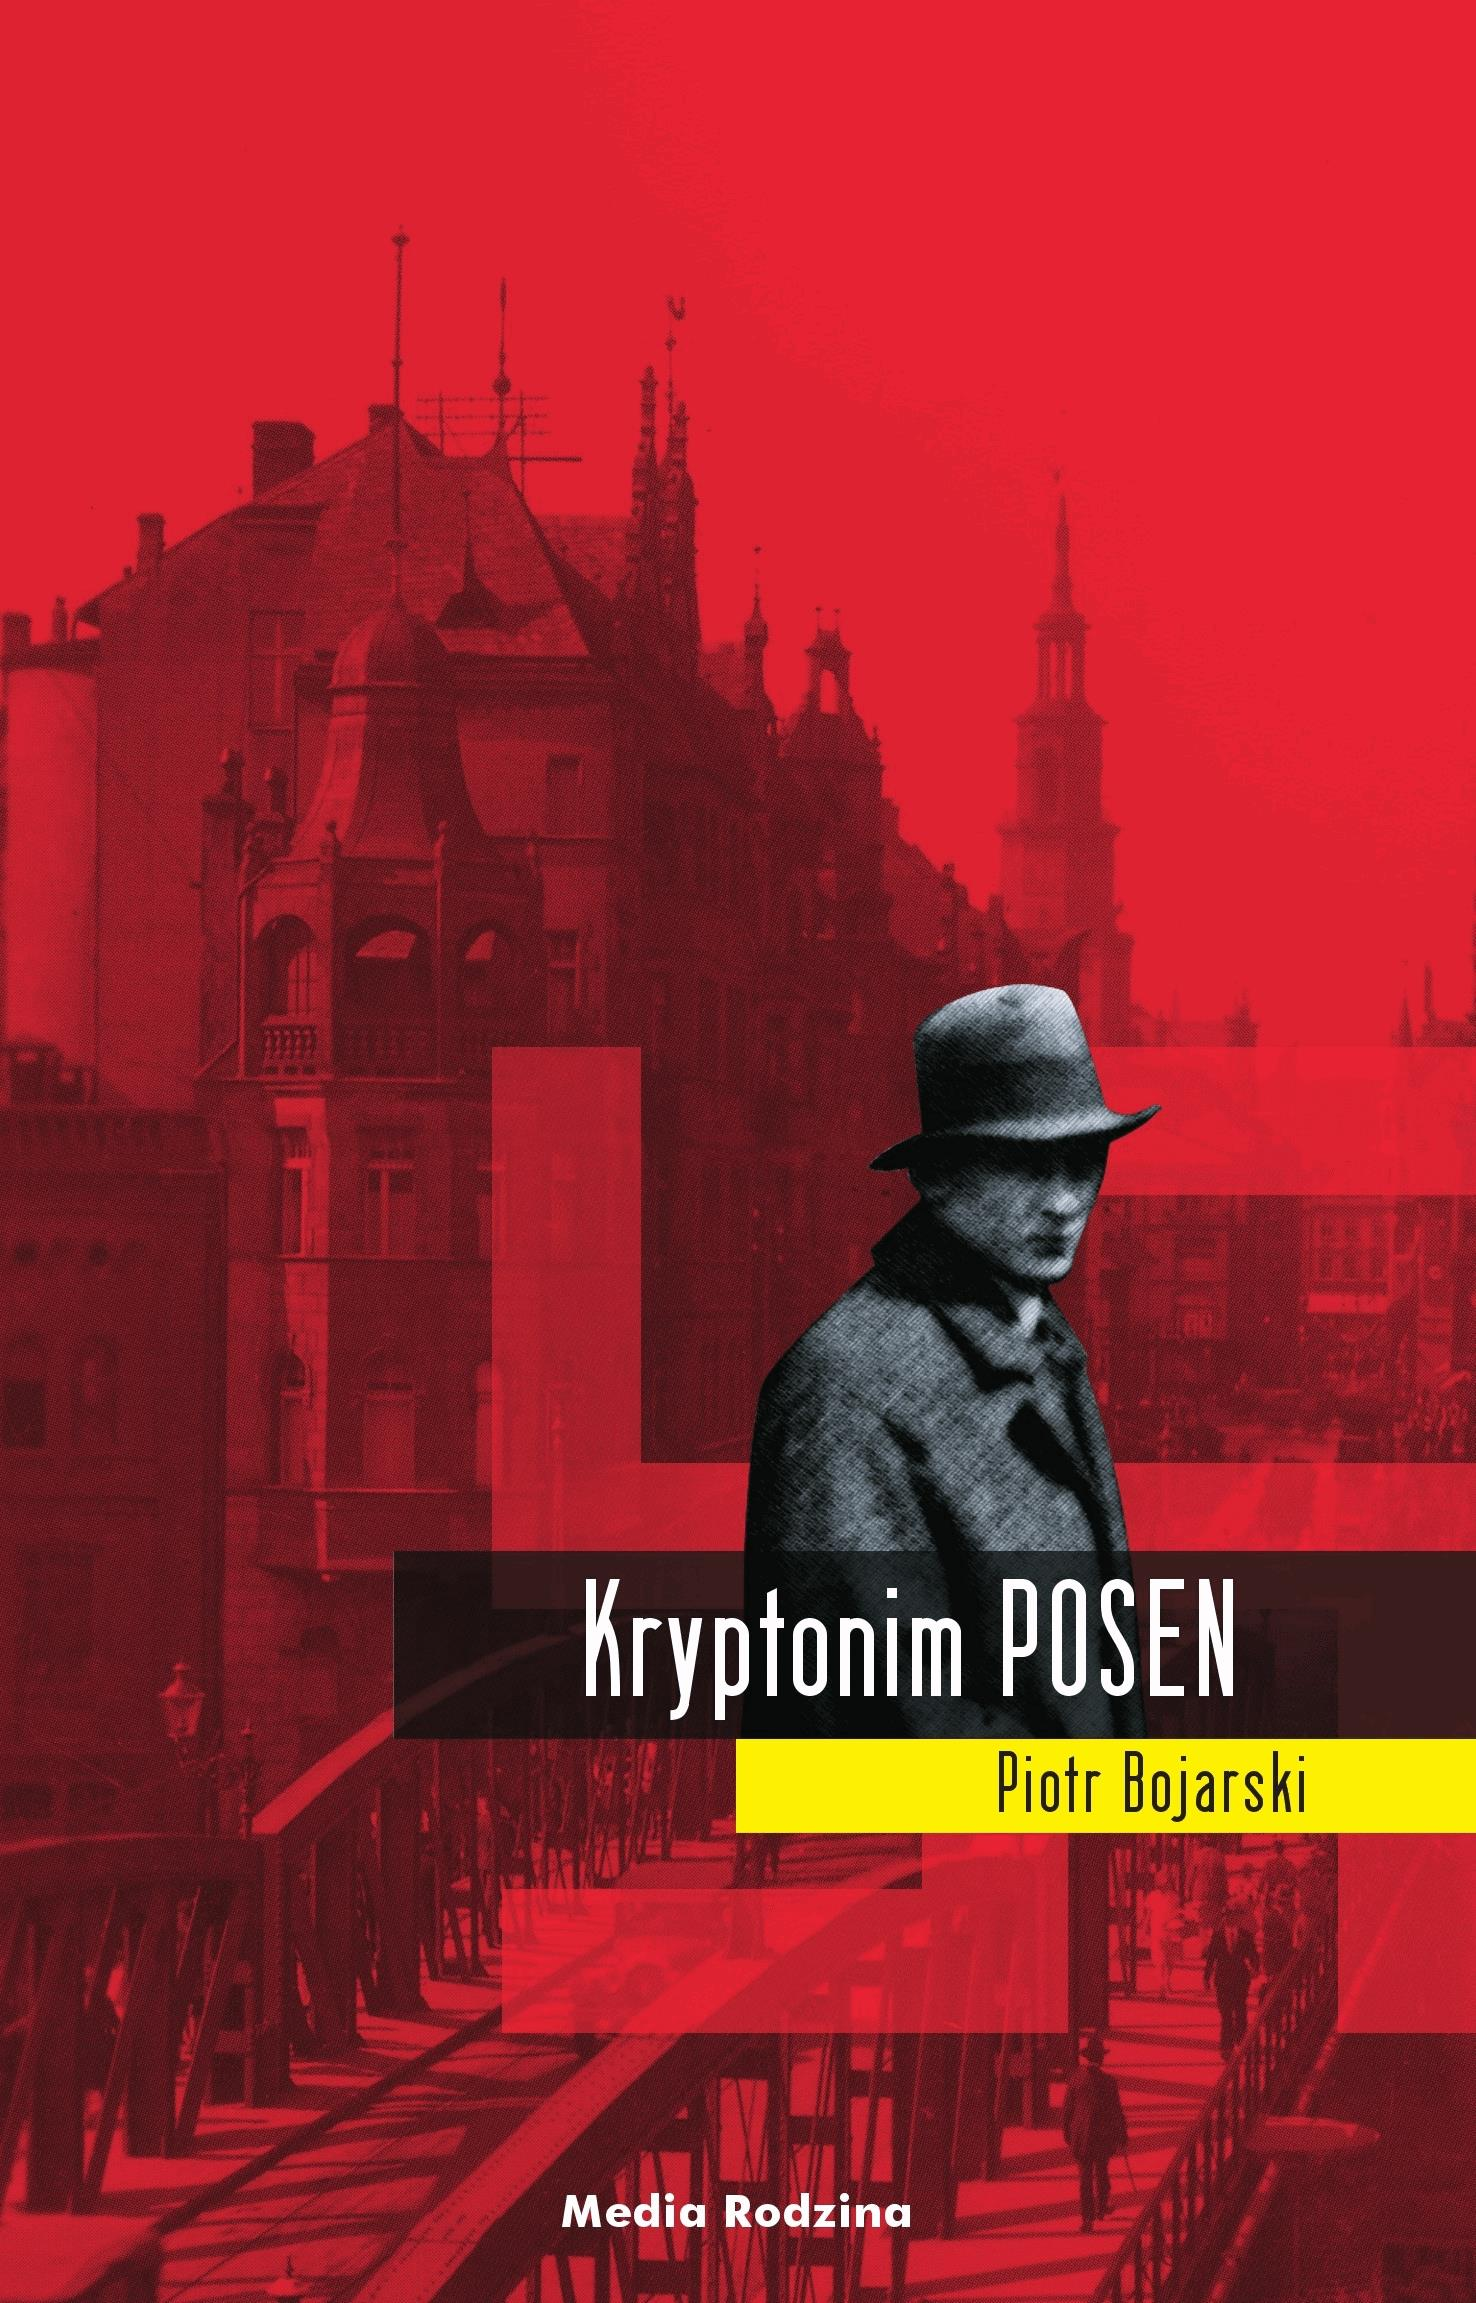 Kryptonim POSEN - Tylko w Legimi możesz przeczytać ten tytuł przez 7 dni za darmo. - Piotr Bojarski